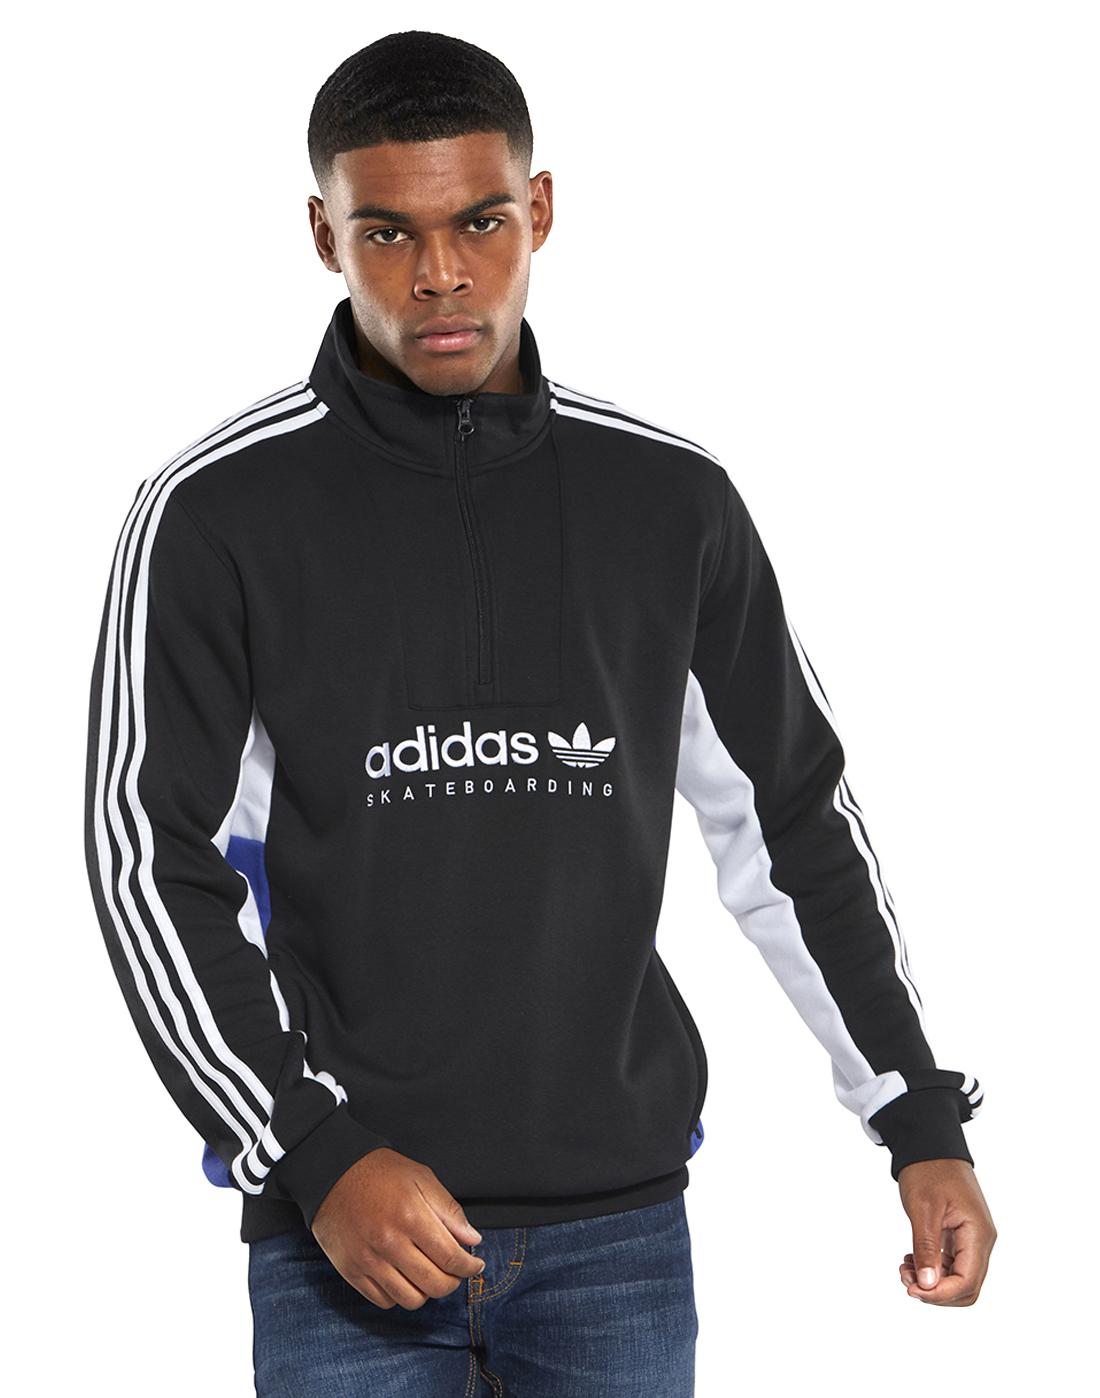 cc6c9aee678 Men s Black adidas Originals Apian Half Zip Top